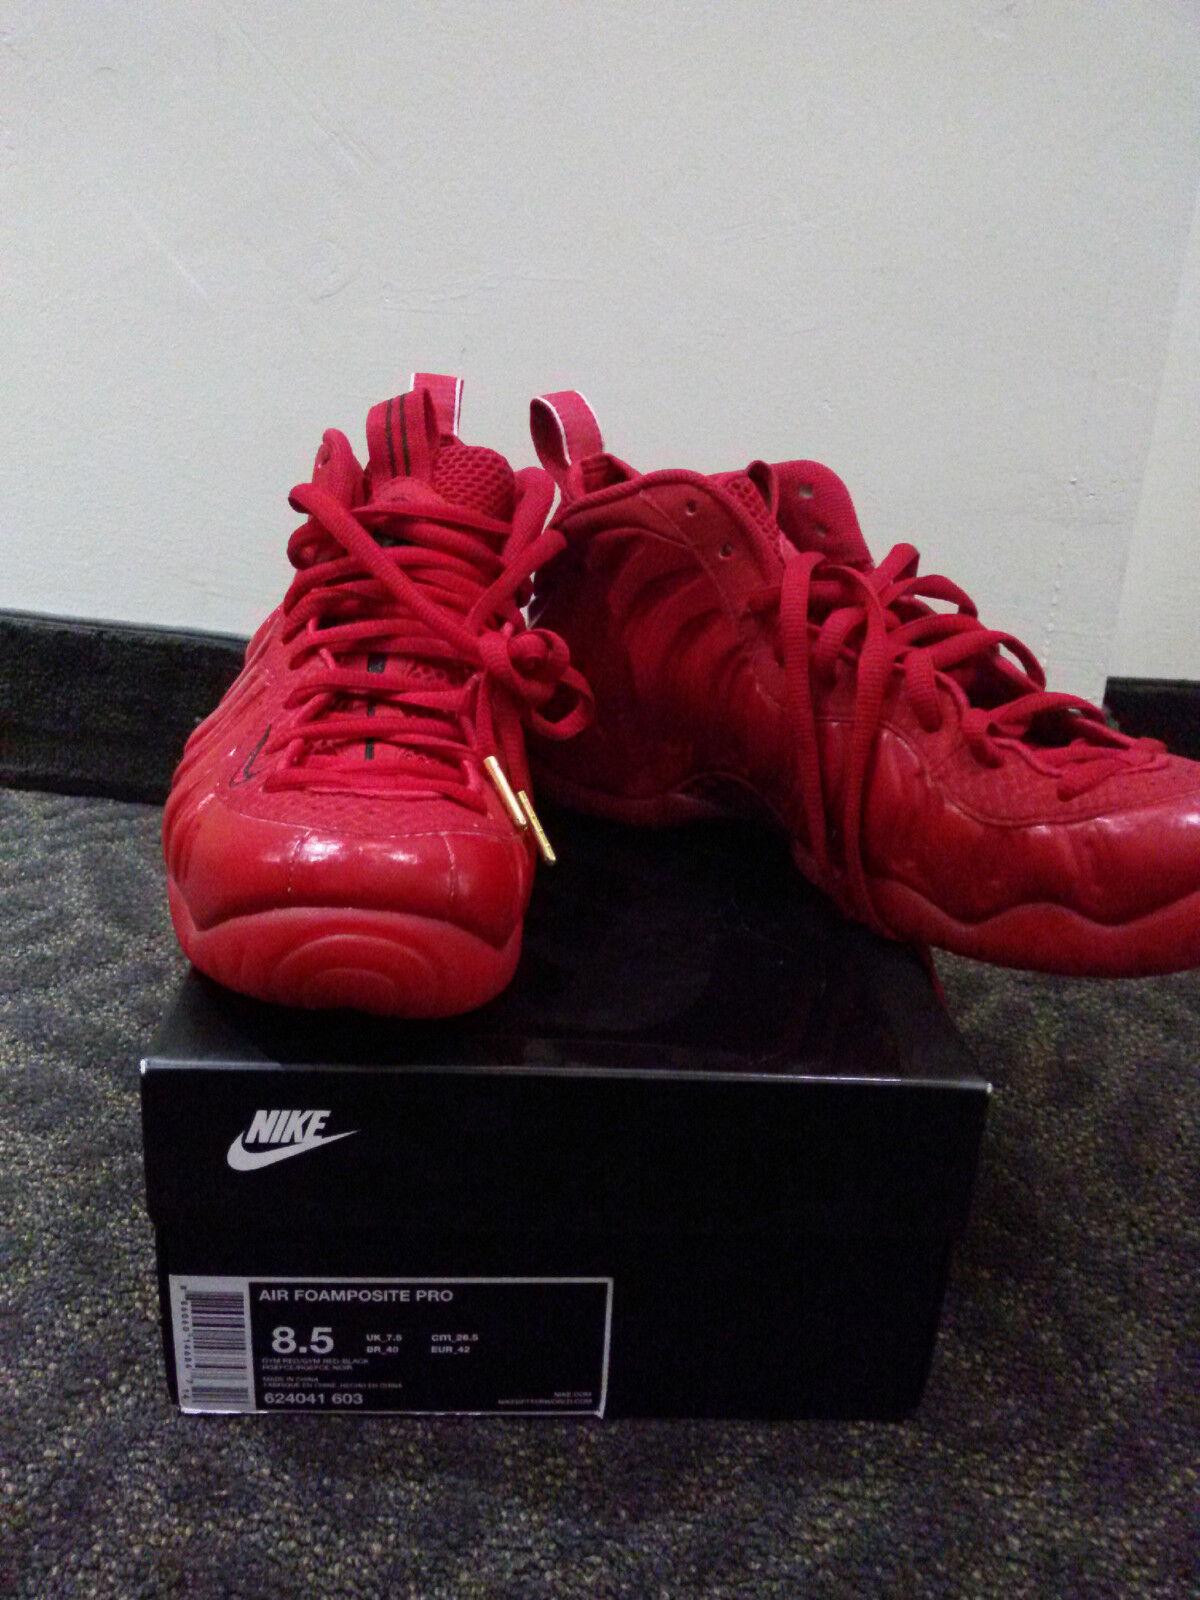 Nike air foamposite una palestra tripla (ottobre rosso, nero yeezy s Uomo dimensioni